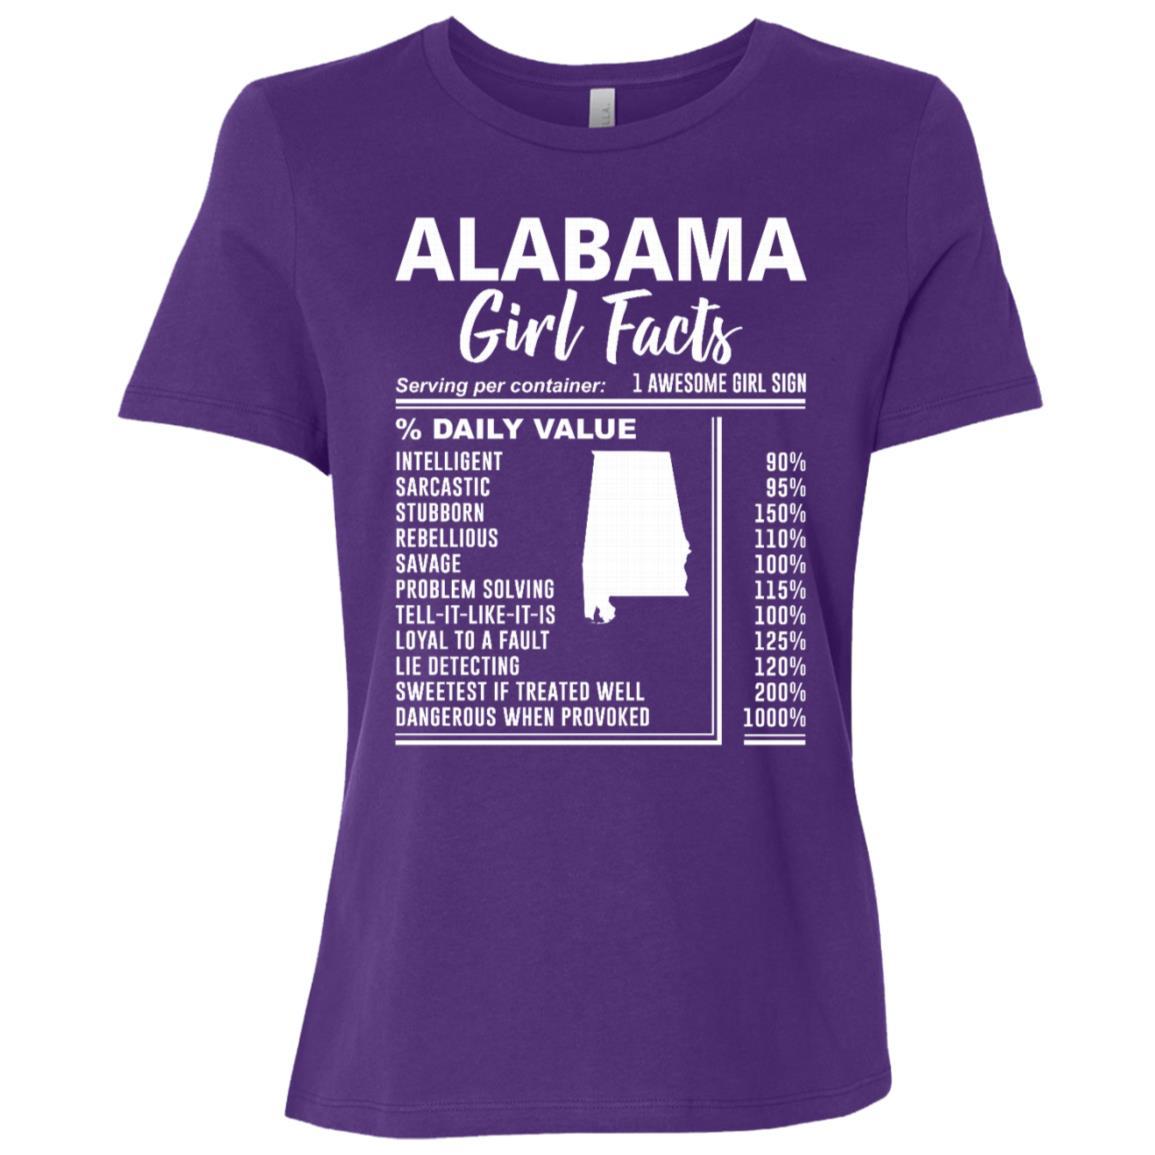 Born in Alabama – Alabama Girl Facts Women Short Sleeve T-Shirt